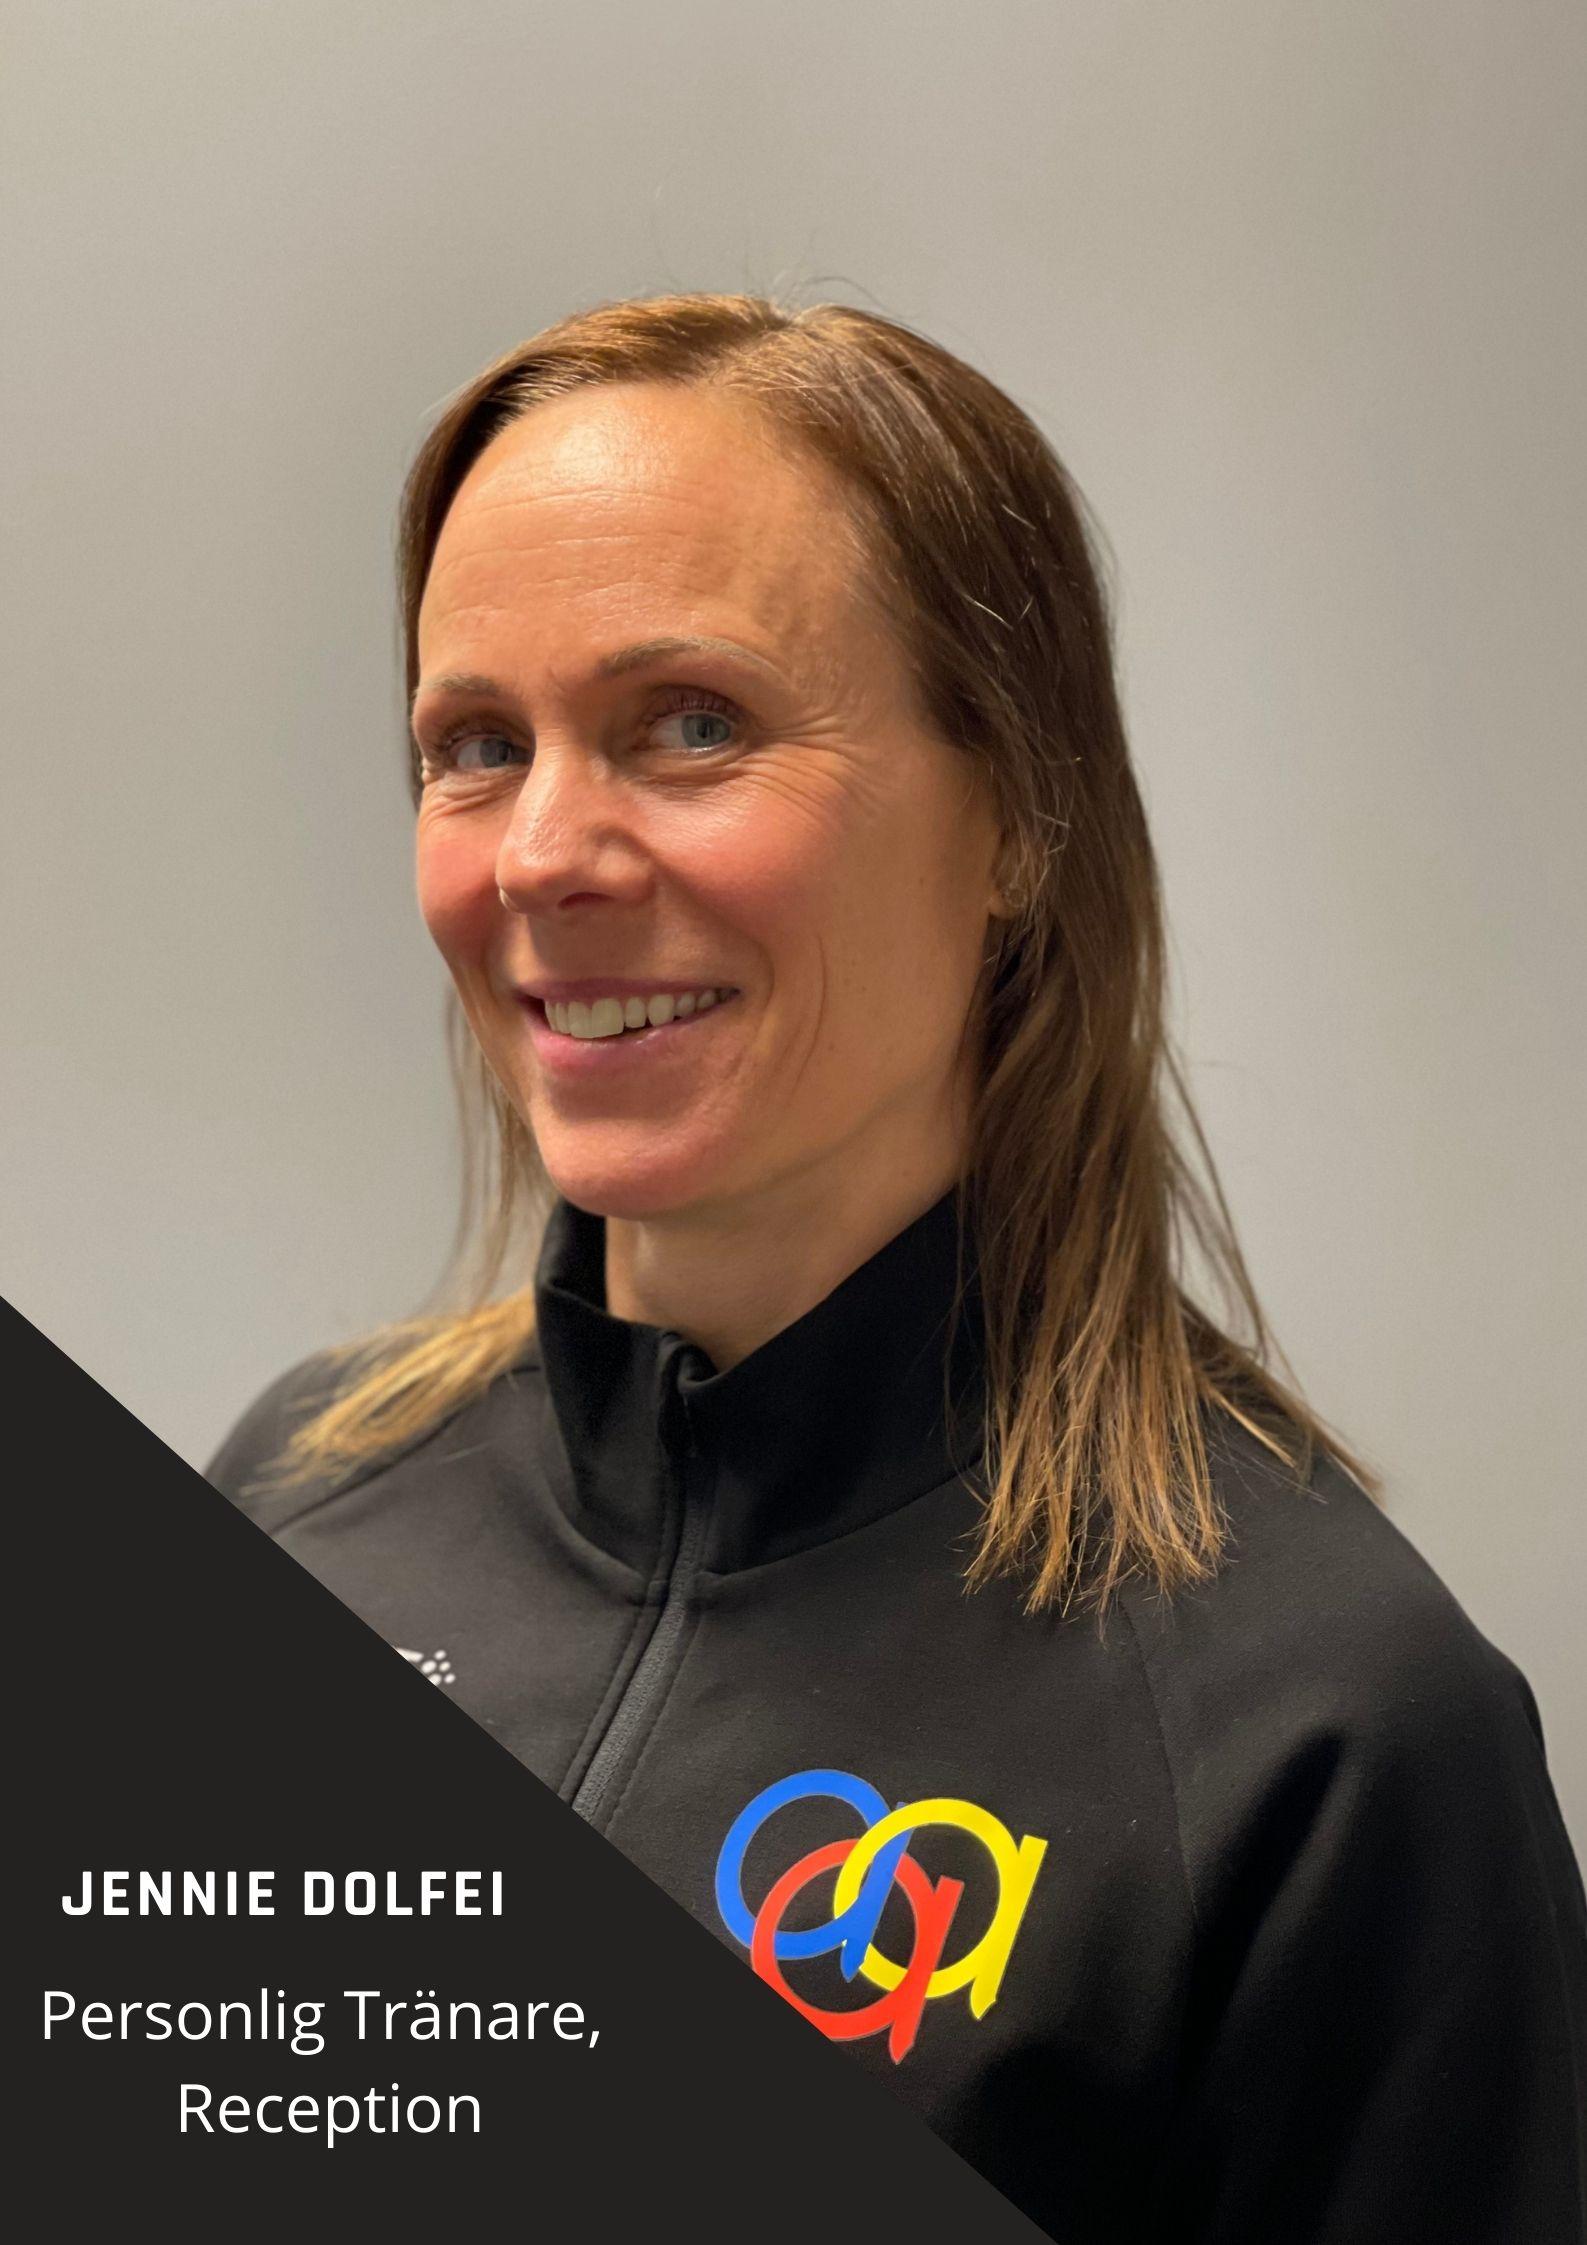 Jennie Dolfei